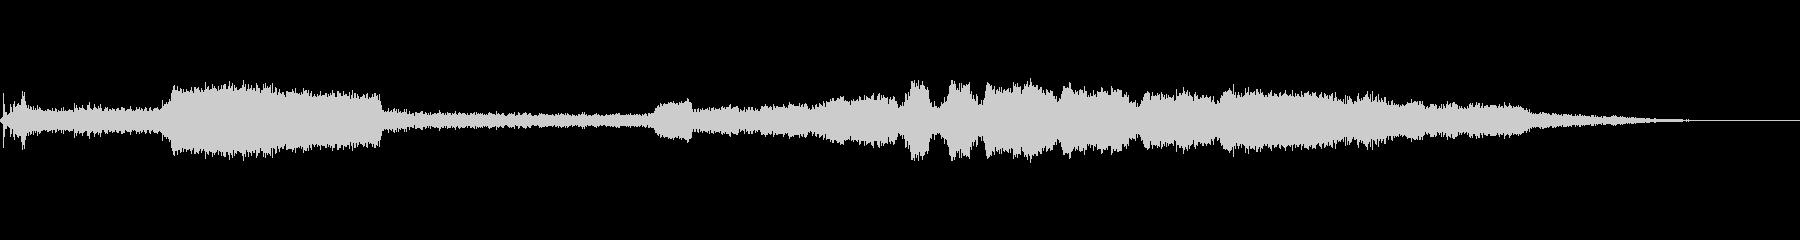 フォルクスワーゲン、ローリー、小、...の未再生の波形